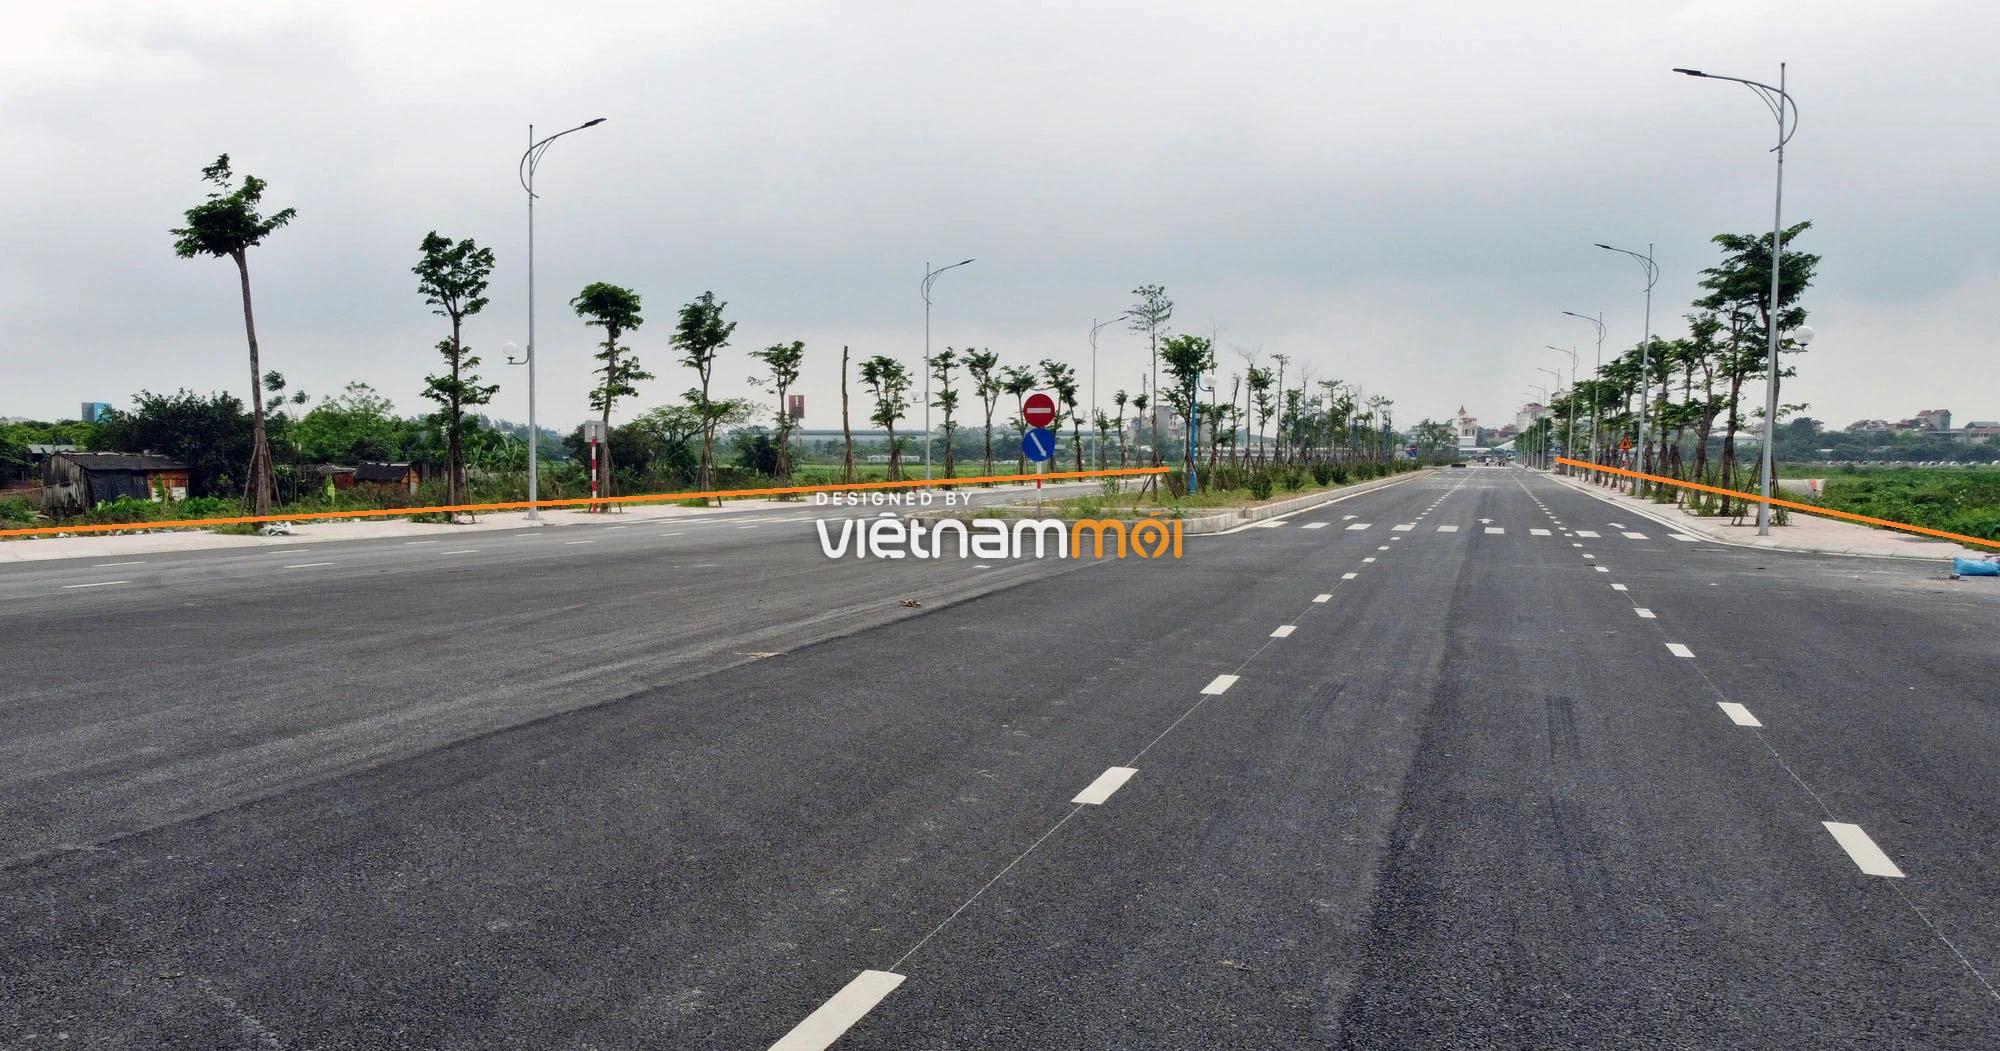 Toàn cảnh đường nối Vinhomes Ocean Park với ga Phú Thụy đang mở theo quy hoạch ở Hà Nội - Ảnh 15.